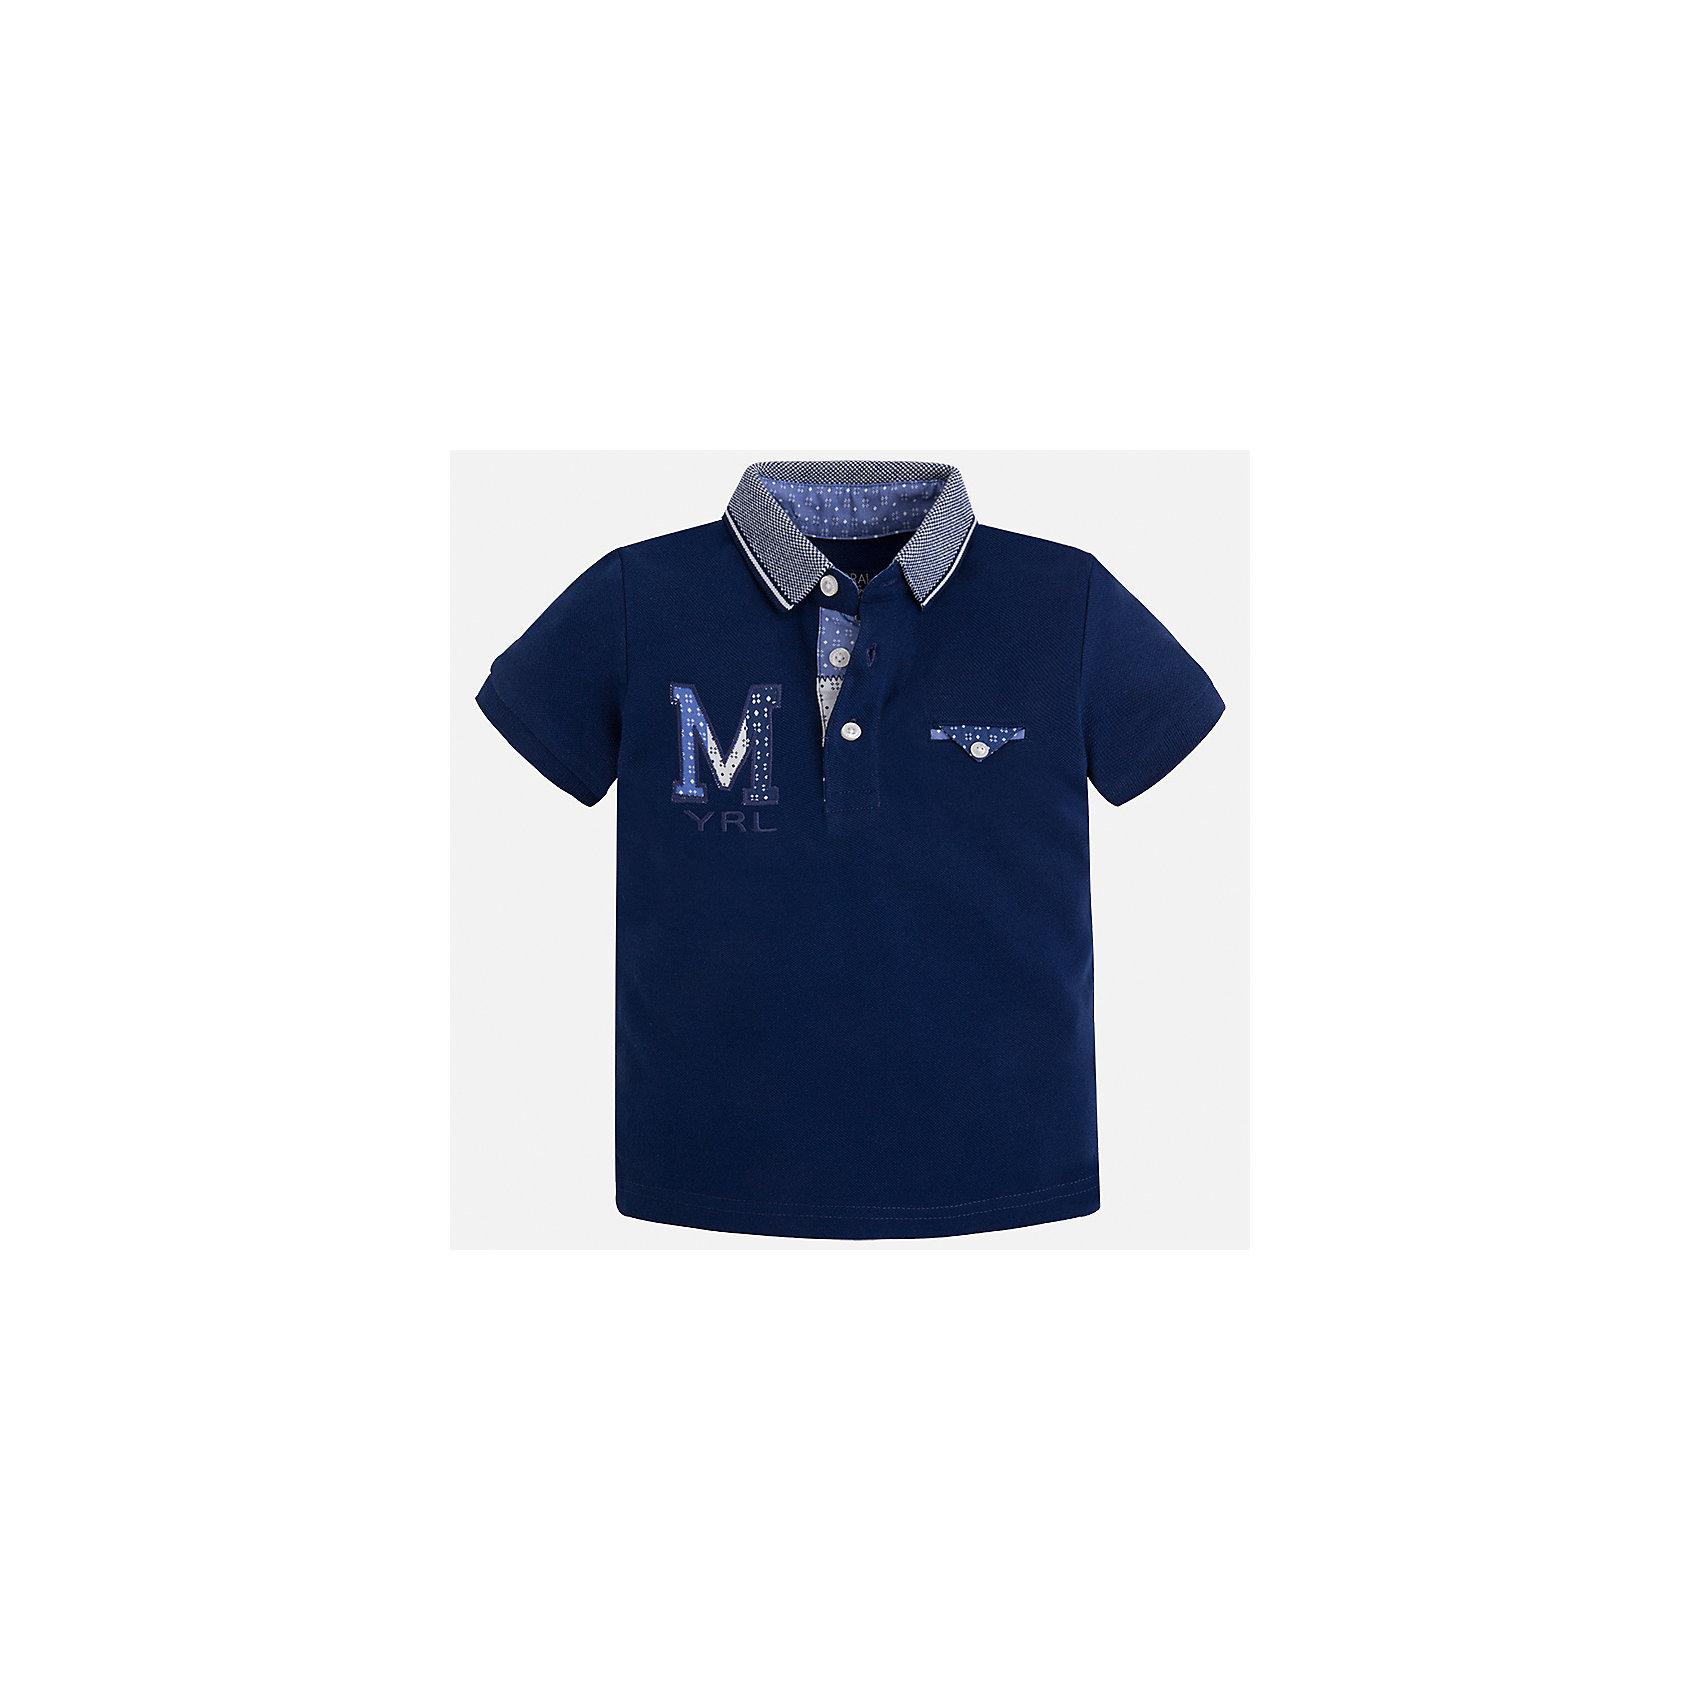 Футболка-поло для мальчика MayoralФутболки, поло и топы<br>Характеристики товара:<br><br>• цвет: темно-синий<br>• состав: 100% хлопок<br>• отложной воротник<br>• приятный на ощупь материал<br>• застежка: пуговицы<br>• страна бренда: Испания<br><br>Стильная футболка-поло для мальчика может стать базовой вещью в гардеробе ребенка. Она отлично сочетается с брюками, шортами, джинсами и т.д. Универсальный крой и цвет позволяет подобрать к вещи низ разных расцветок. Практичное и стильное изделие! В составе материала - только натуральный хлопок, гипоаллергенный, приятный на ощупь, дышащий.<br><br>Одежда, обувь и аксессуары от испанского бренда Mayoral полюбились детям и взрослым по всему миру. Модели этой марки - стильные и удобные. Для их производства используются только безопасные, качественные материалы и фурнитура. Порадуйте ребенка модными и красивыми вещами от Mayoral! <br><br>Футболку-поло для мальчика от испанского бренда Mayoral (Майорал) можно купить в нашем интернет-магазине.<br><br>Ширина мм: 230<br>Глубина мм: 40<br>Высота мм: 220<br>Вес г: 250<br>Цвет: черный<br>Возраст от месяцев: 24<br>Возраст до месяцев: 36<br>Пол: Мужской<br>Возраст: Детский<br>Размер: 98,92,110,122,116,128,104,134<br>SKU: 5271967